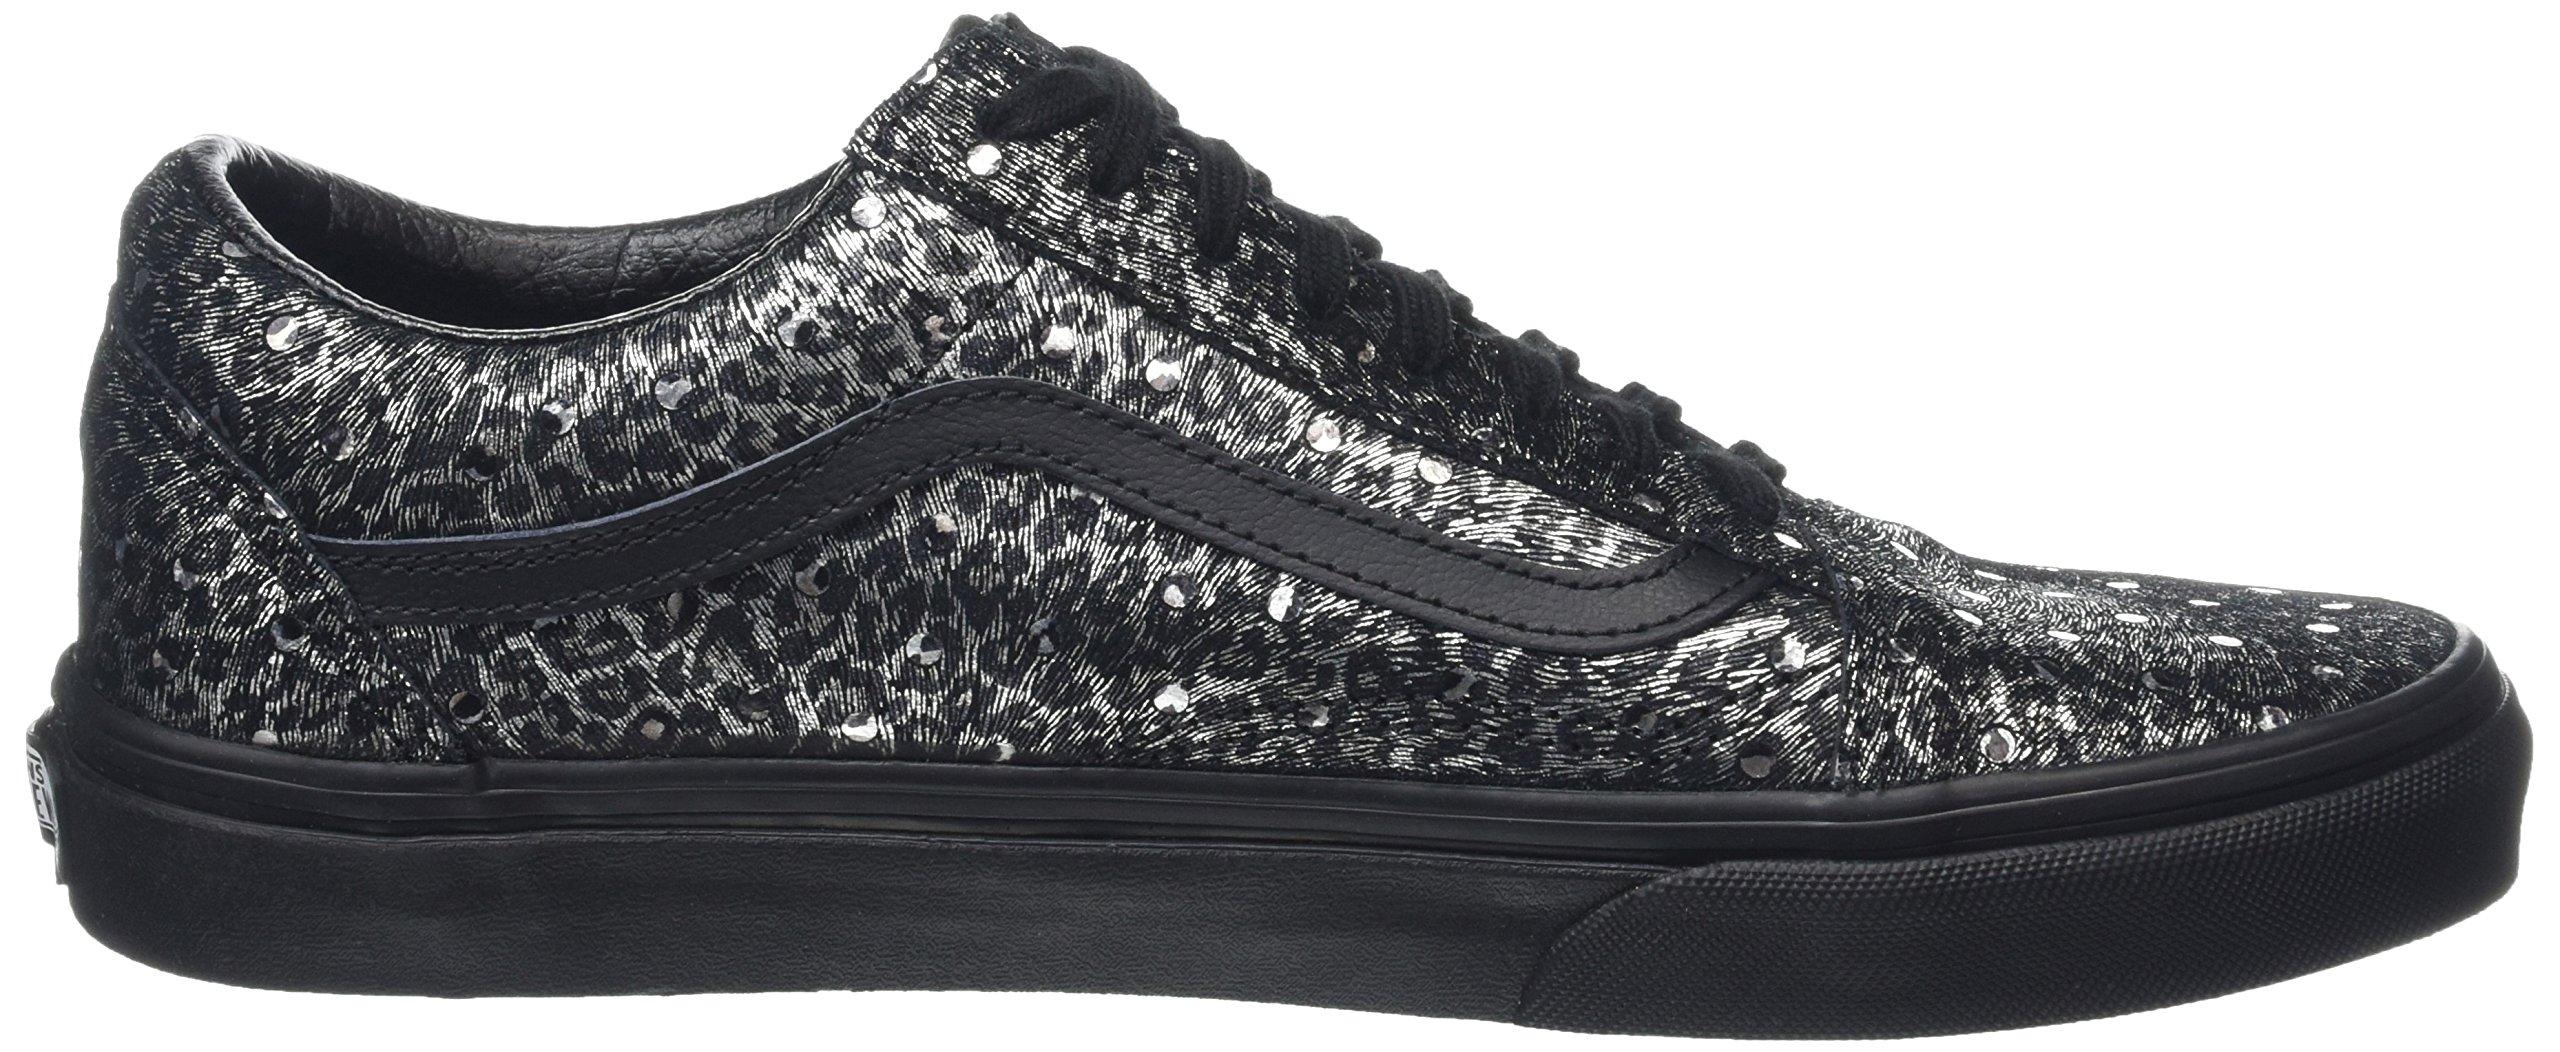 Vans Unisex Old Skool Skate Sneakers (8) by Vans (Image #6)